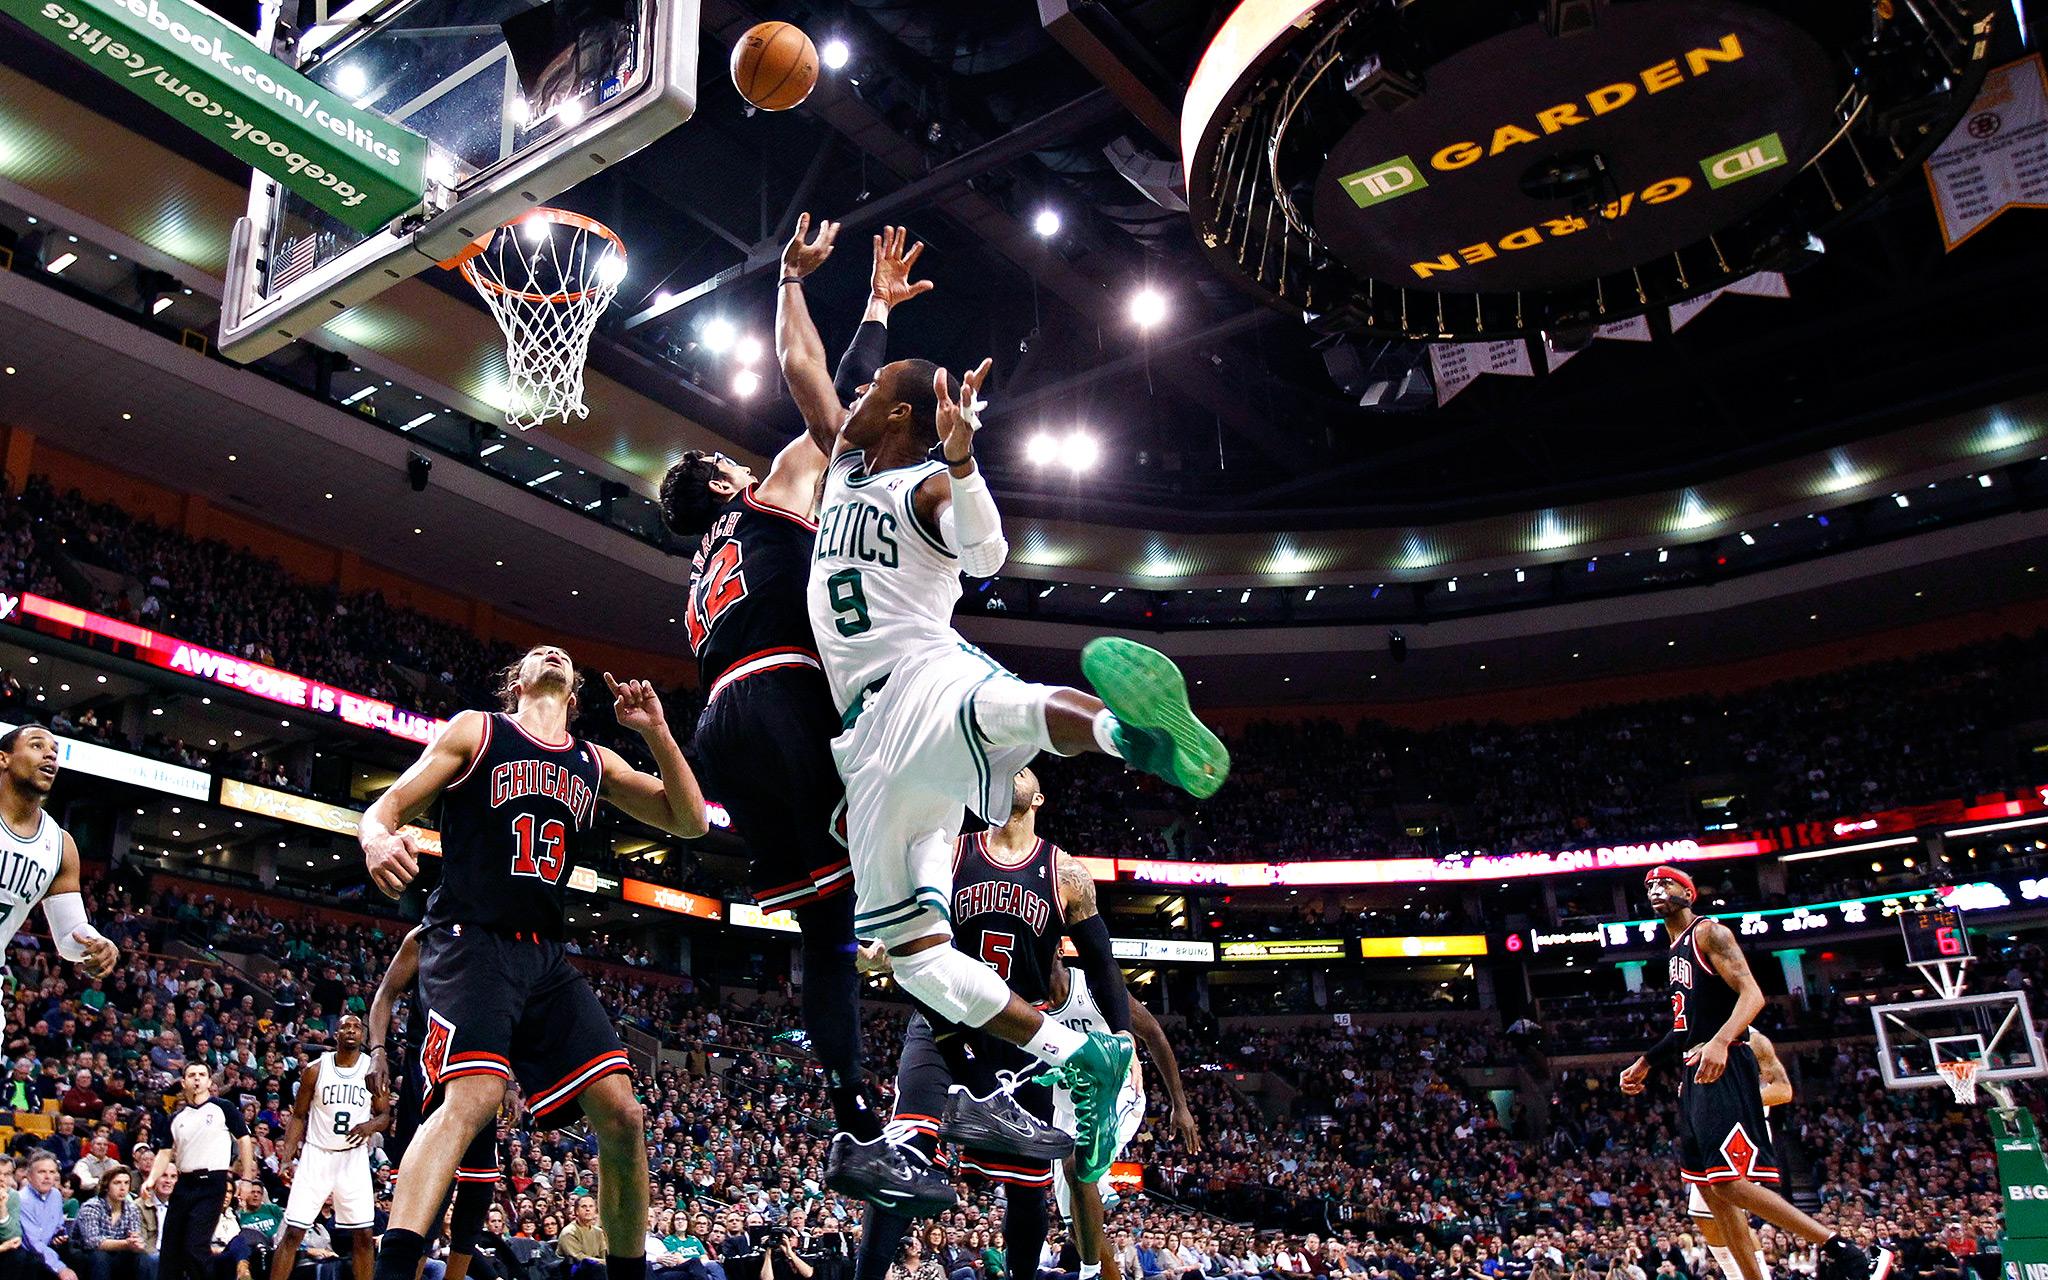 Bulls/Celtics